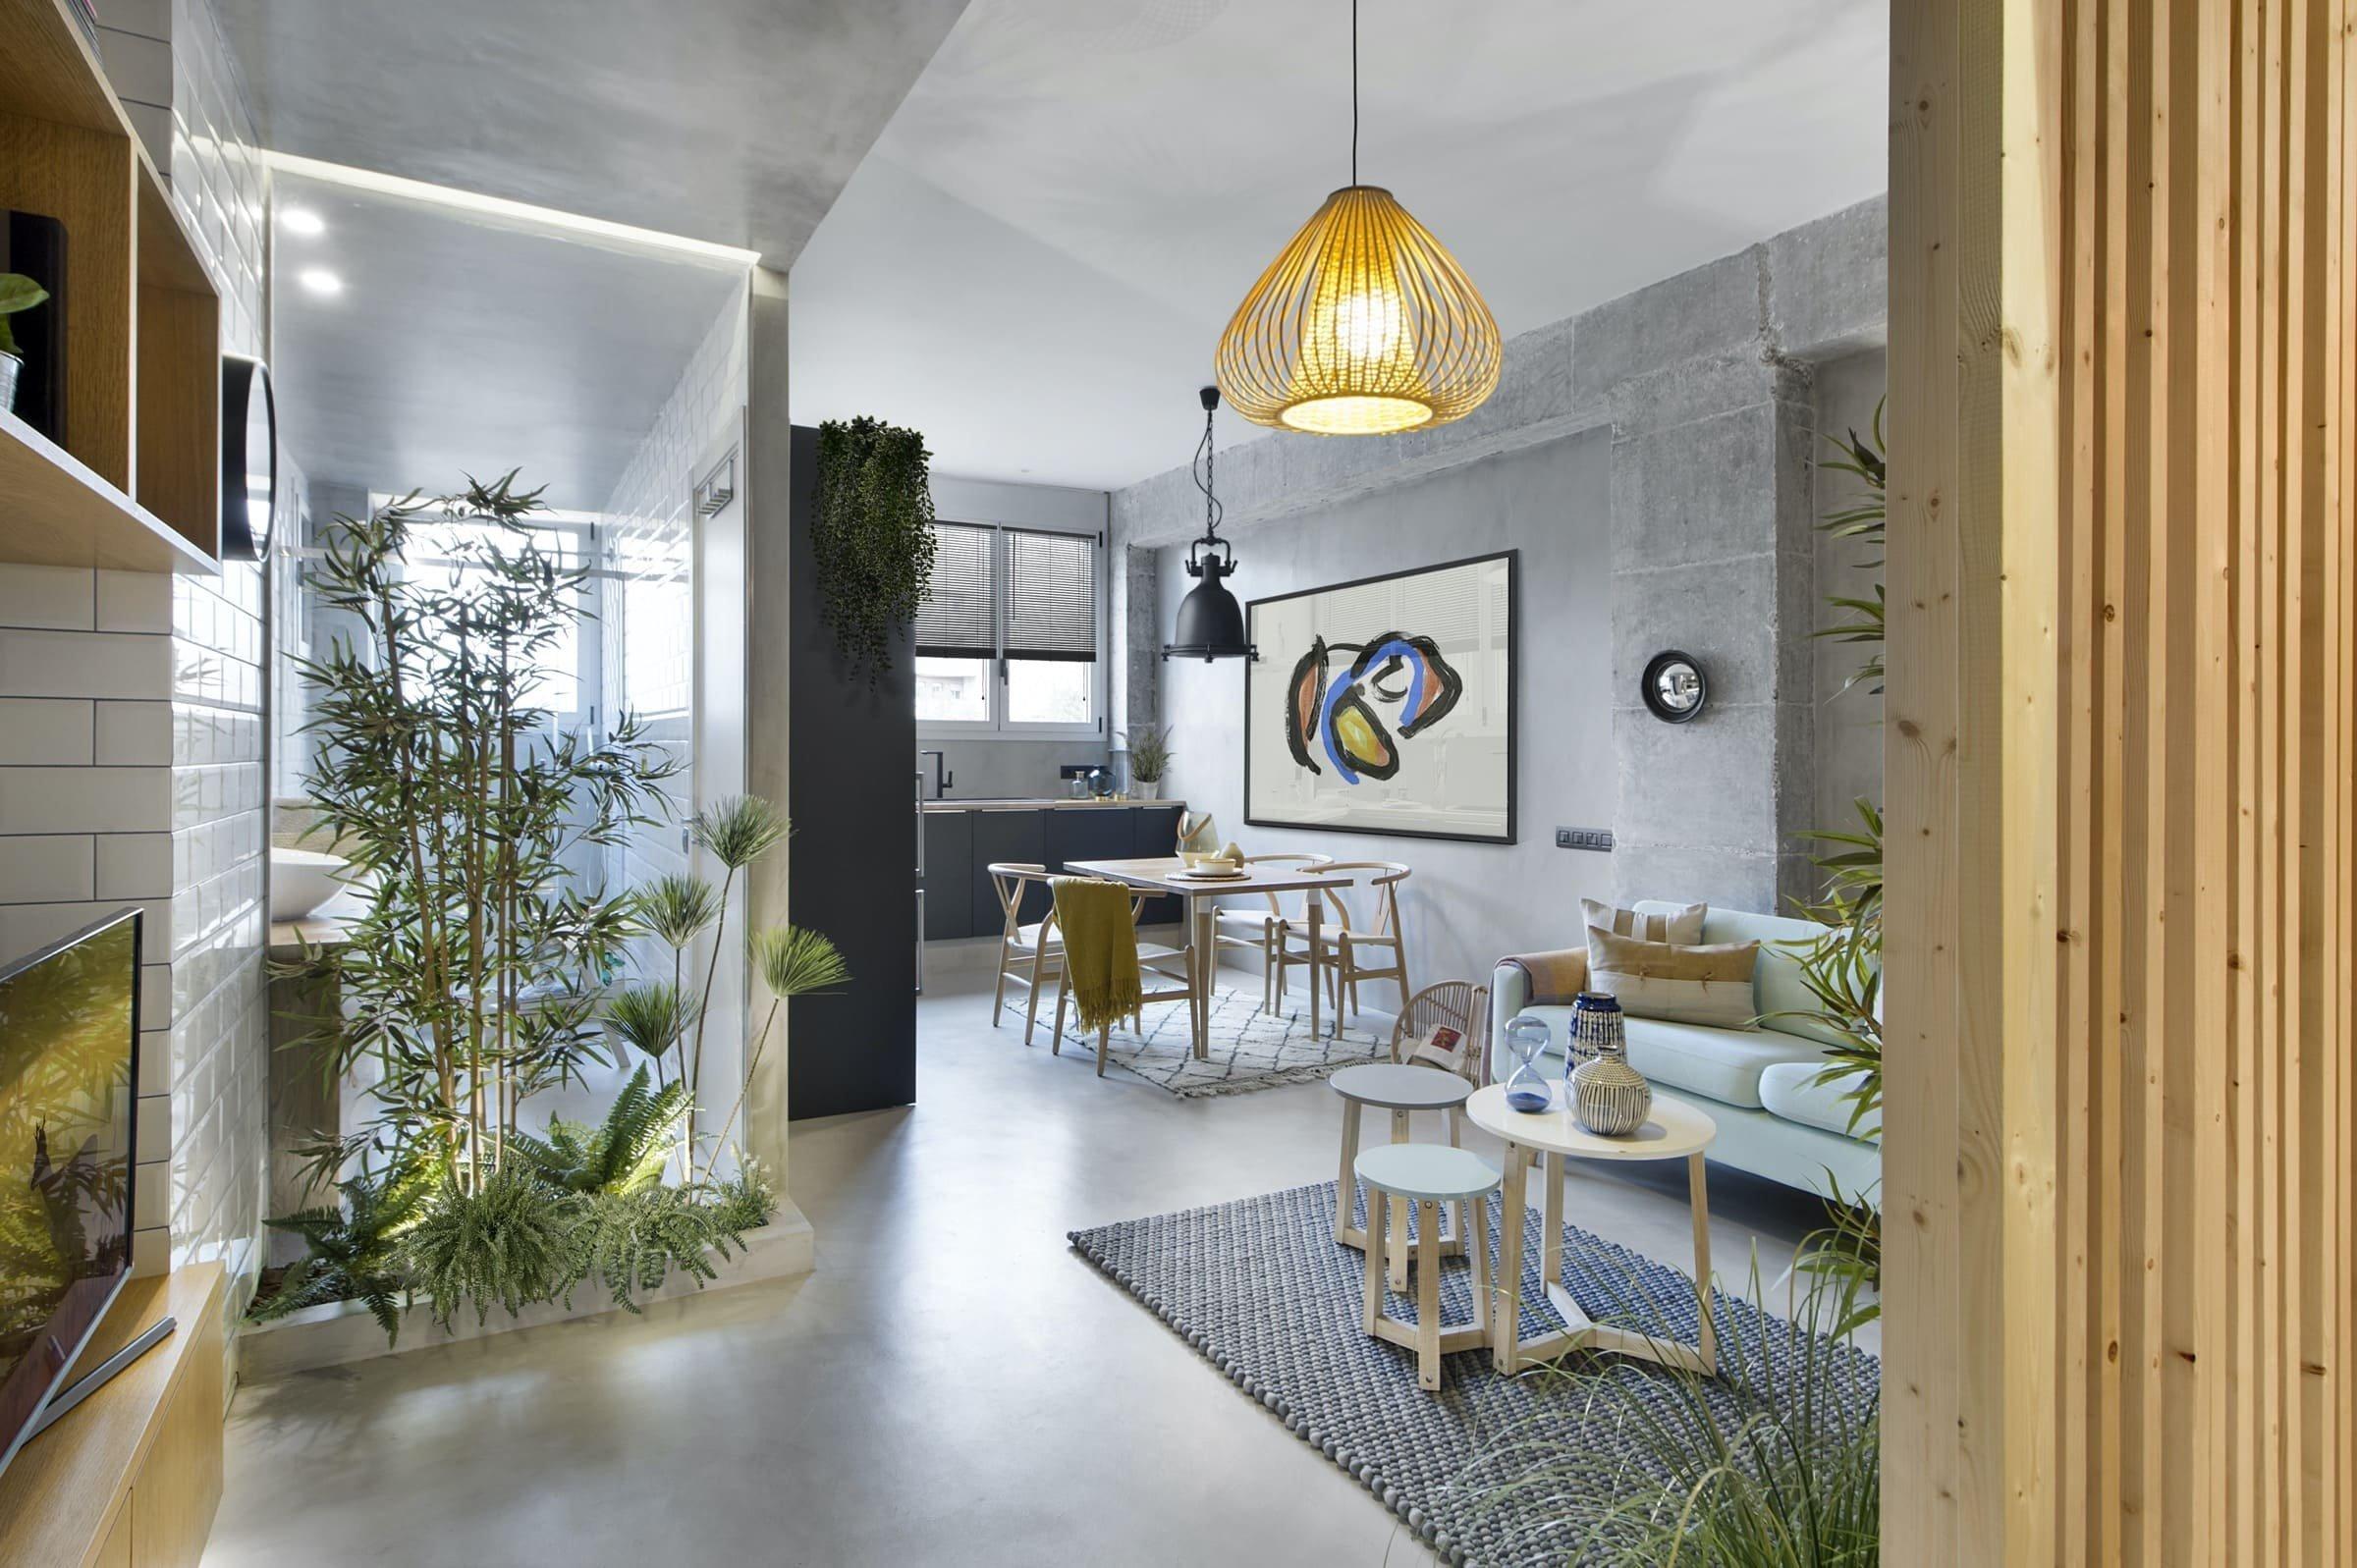 Bývalá tovární hala v moderní městské čtvrti El Poblenou v Barceloně se proměnila na několik menších bytů. Do jednoho z nich, jehož interiér získal novou tvář díky profesionálům ze studia Egue y Seta, se nyní podíváme. Zdobí jej barvy slunce, vody i země. Odkaz na blízké nejkrásnější pláže Barcelony je tak dokonalý.